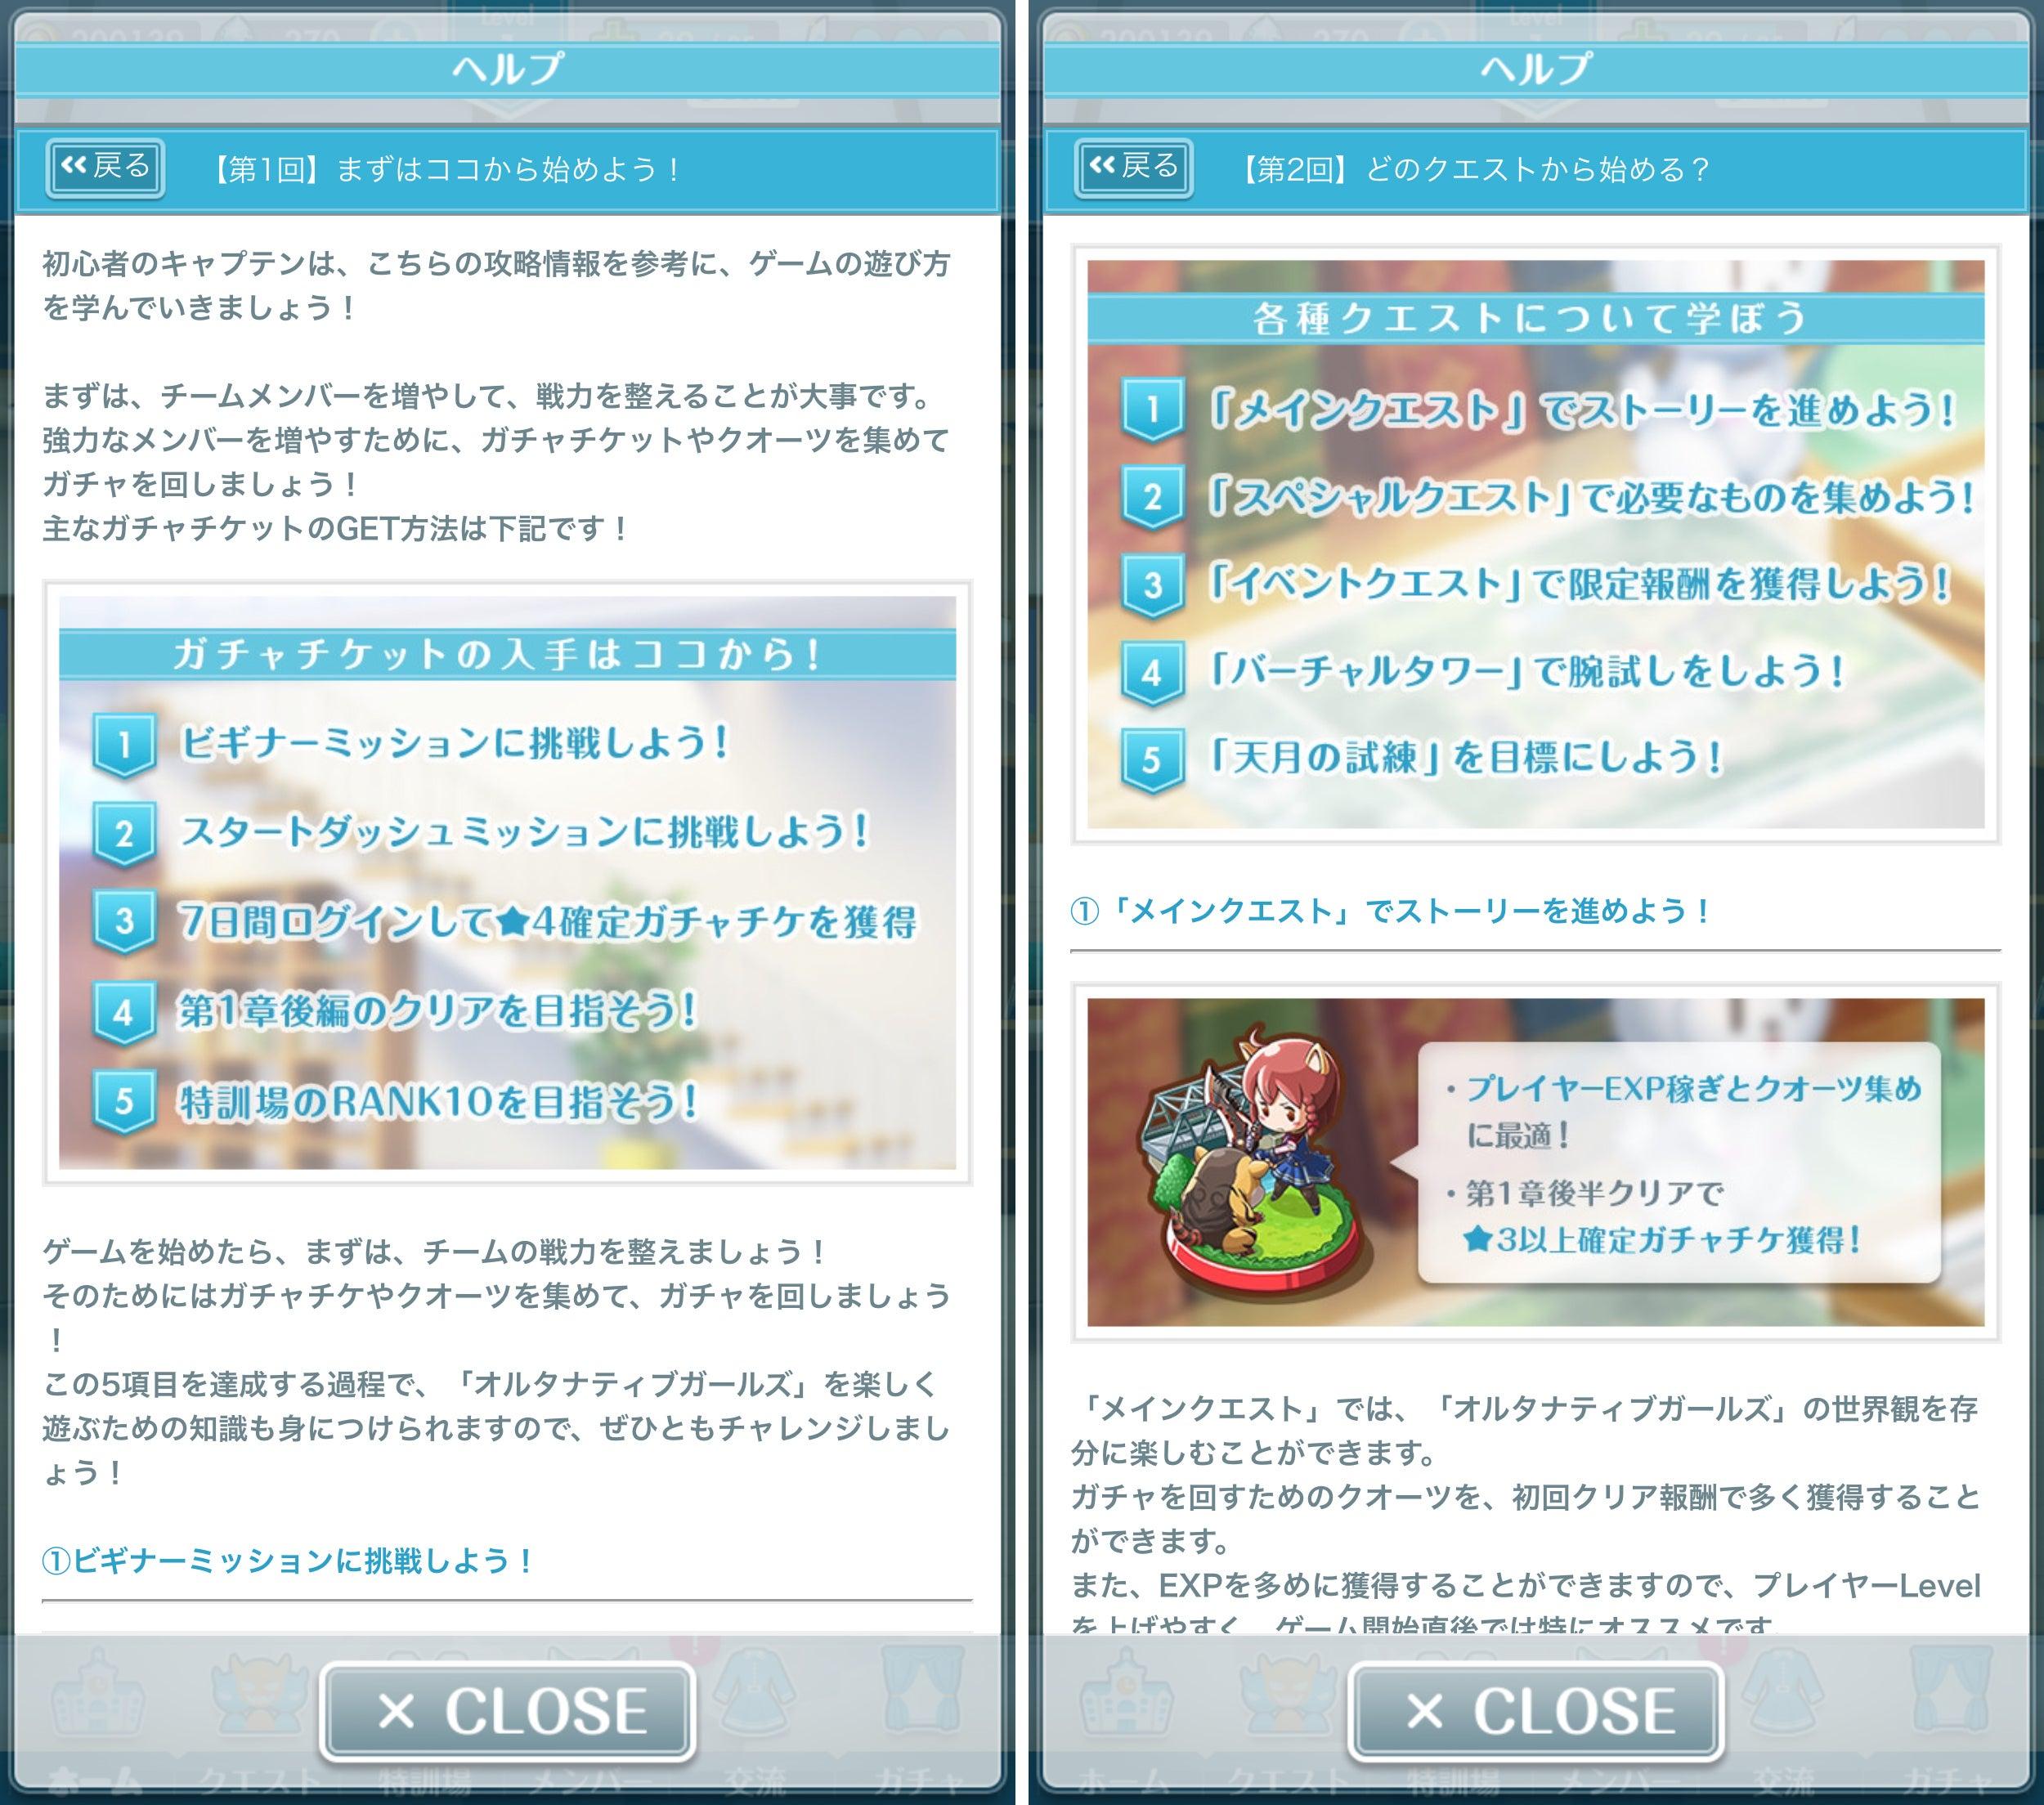 3:ヘルプに「攻略情報」を追加の画像